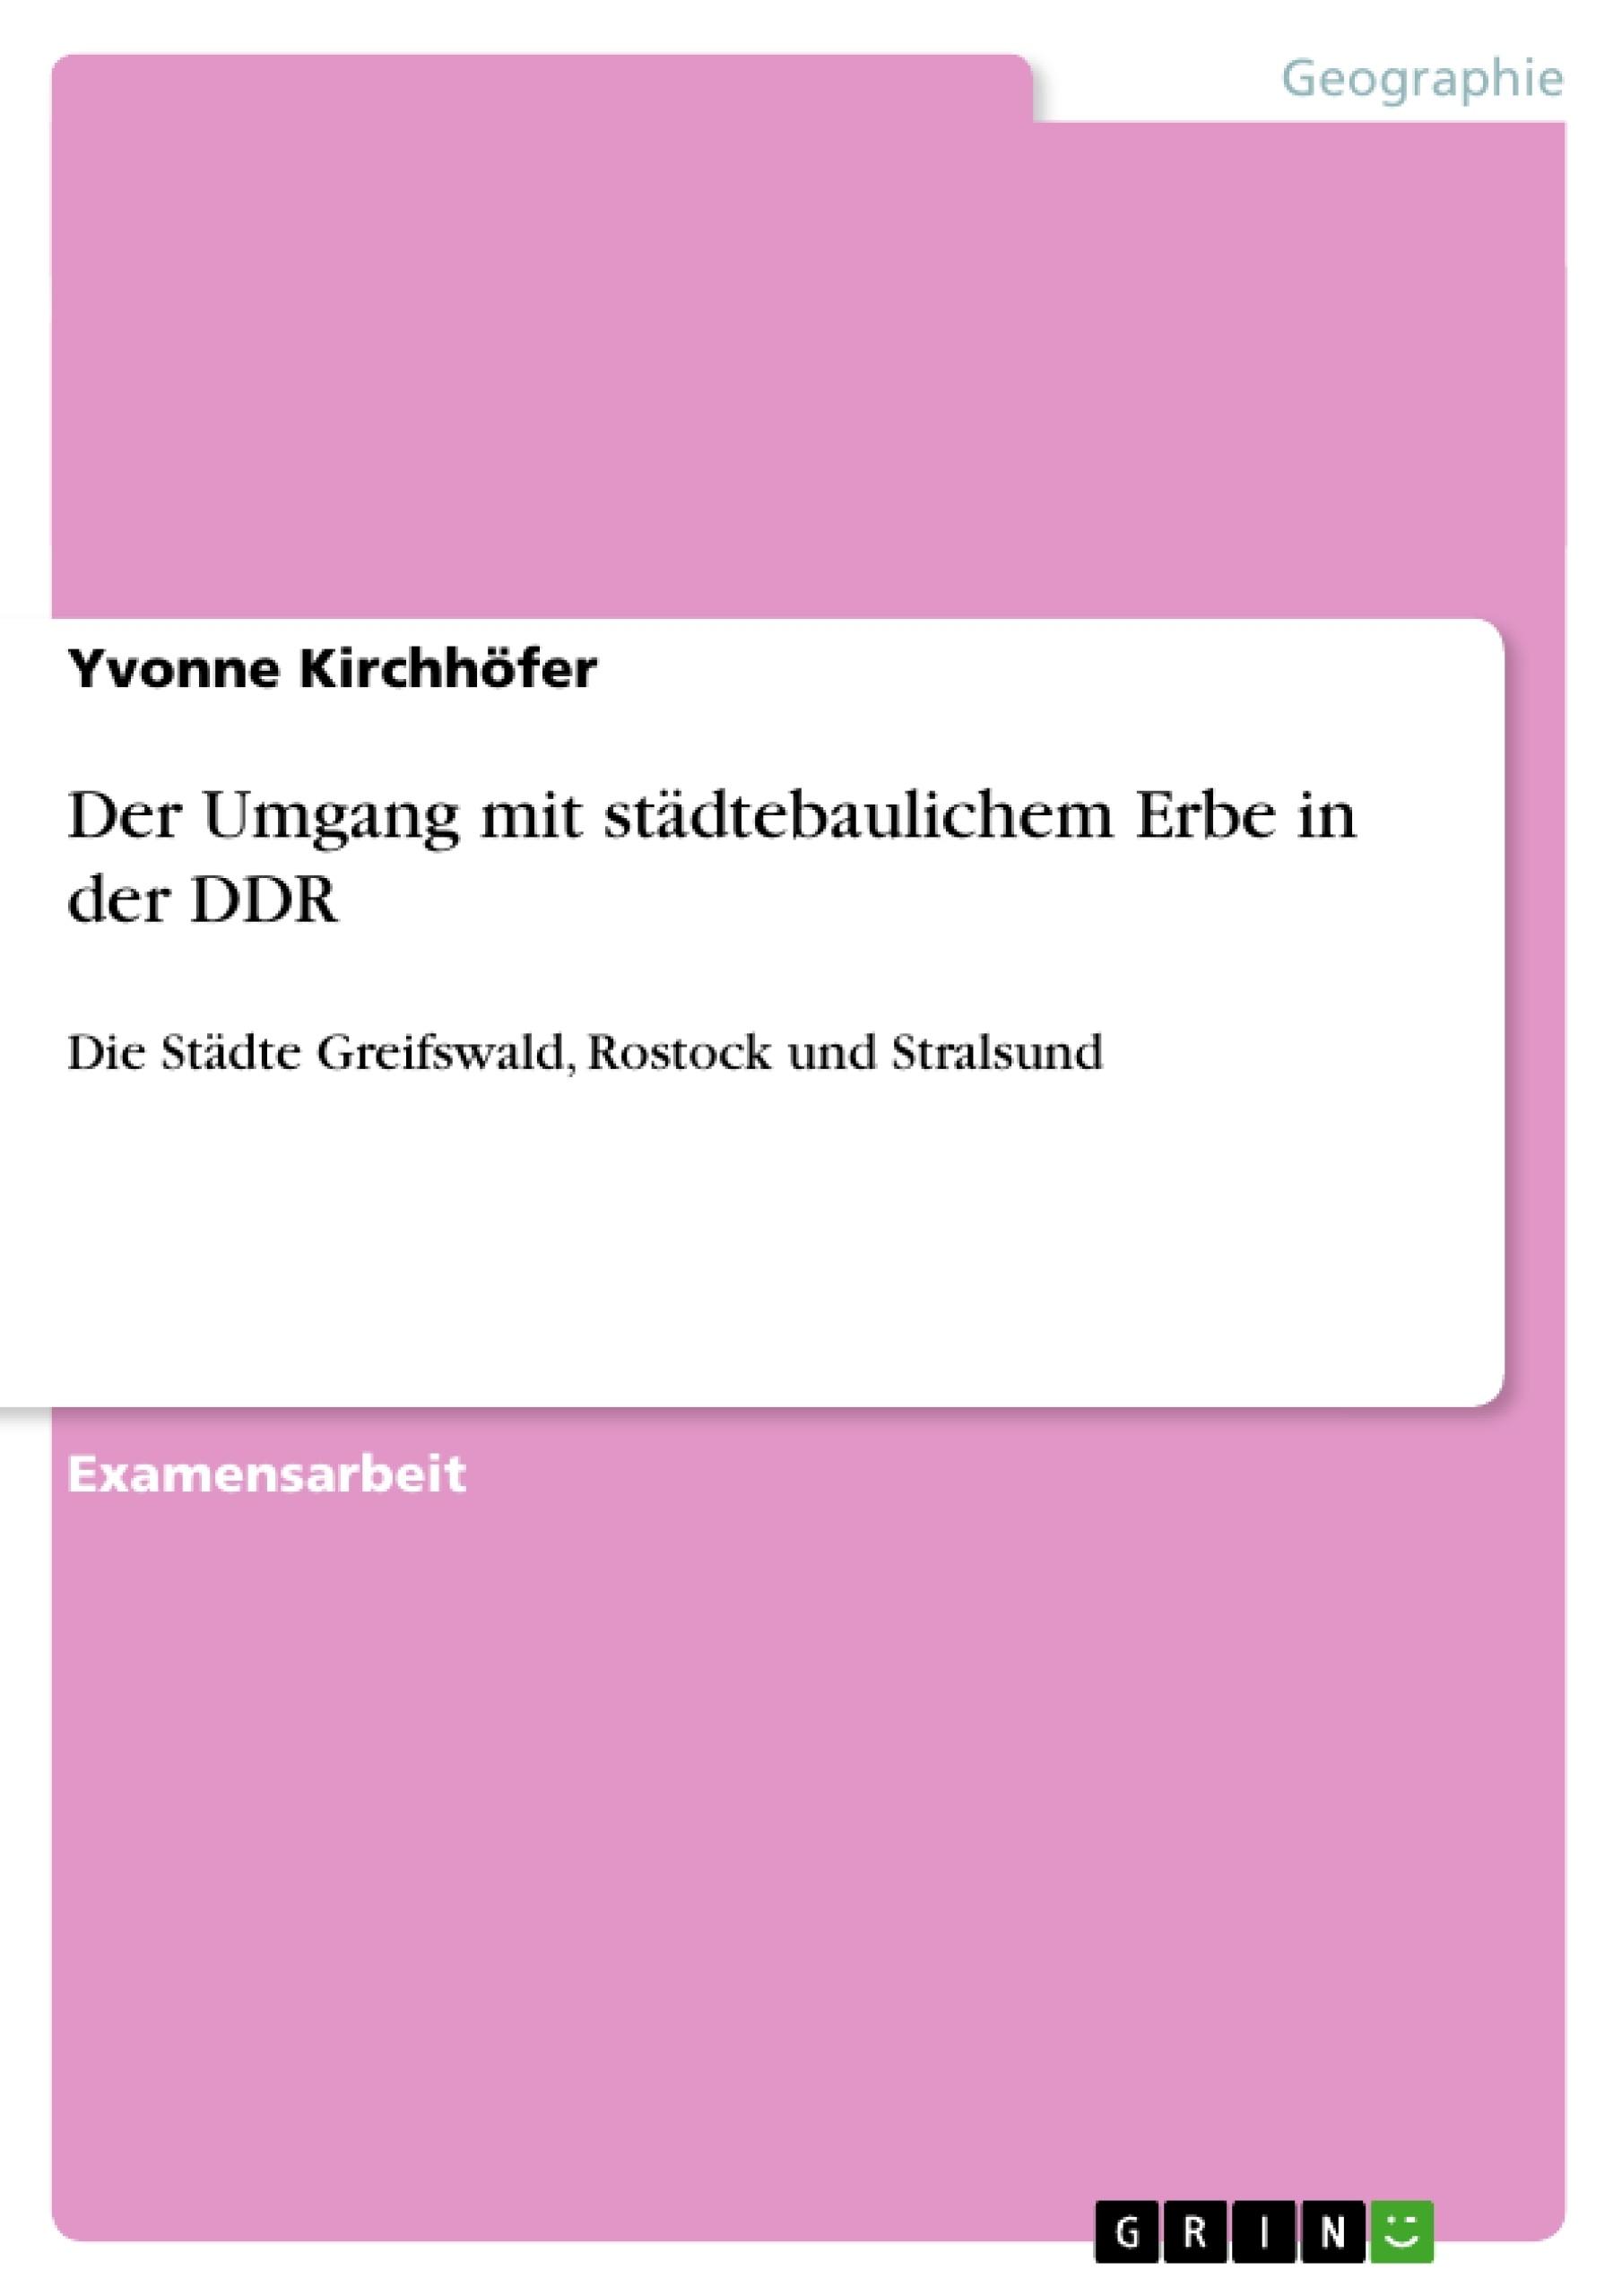 Titel: Der Umgang mit städtebaulichem Erbe in der DDR